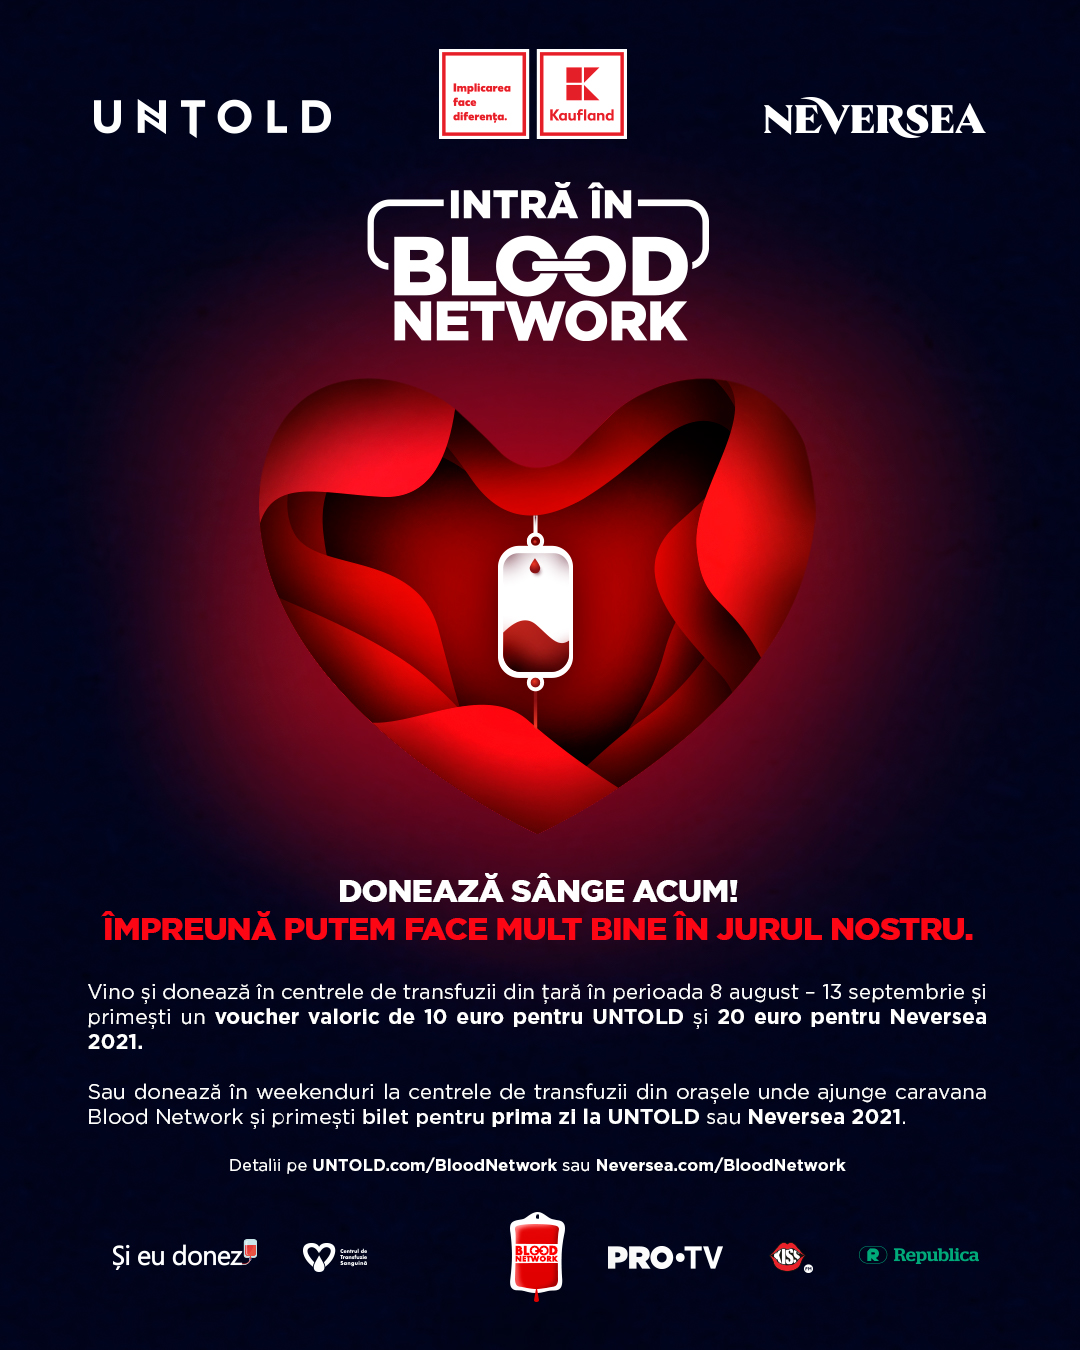 Donează sânge și mergi la UNTOLD sau Neversea